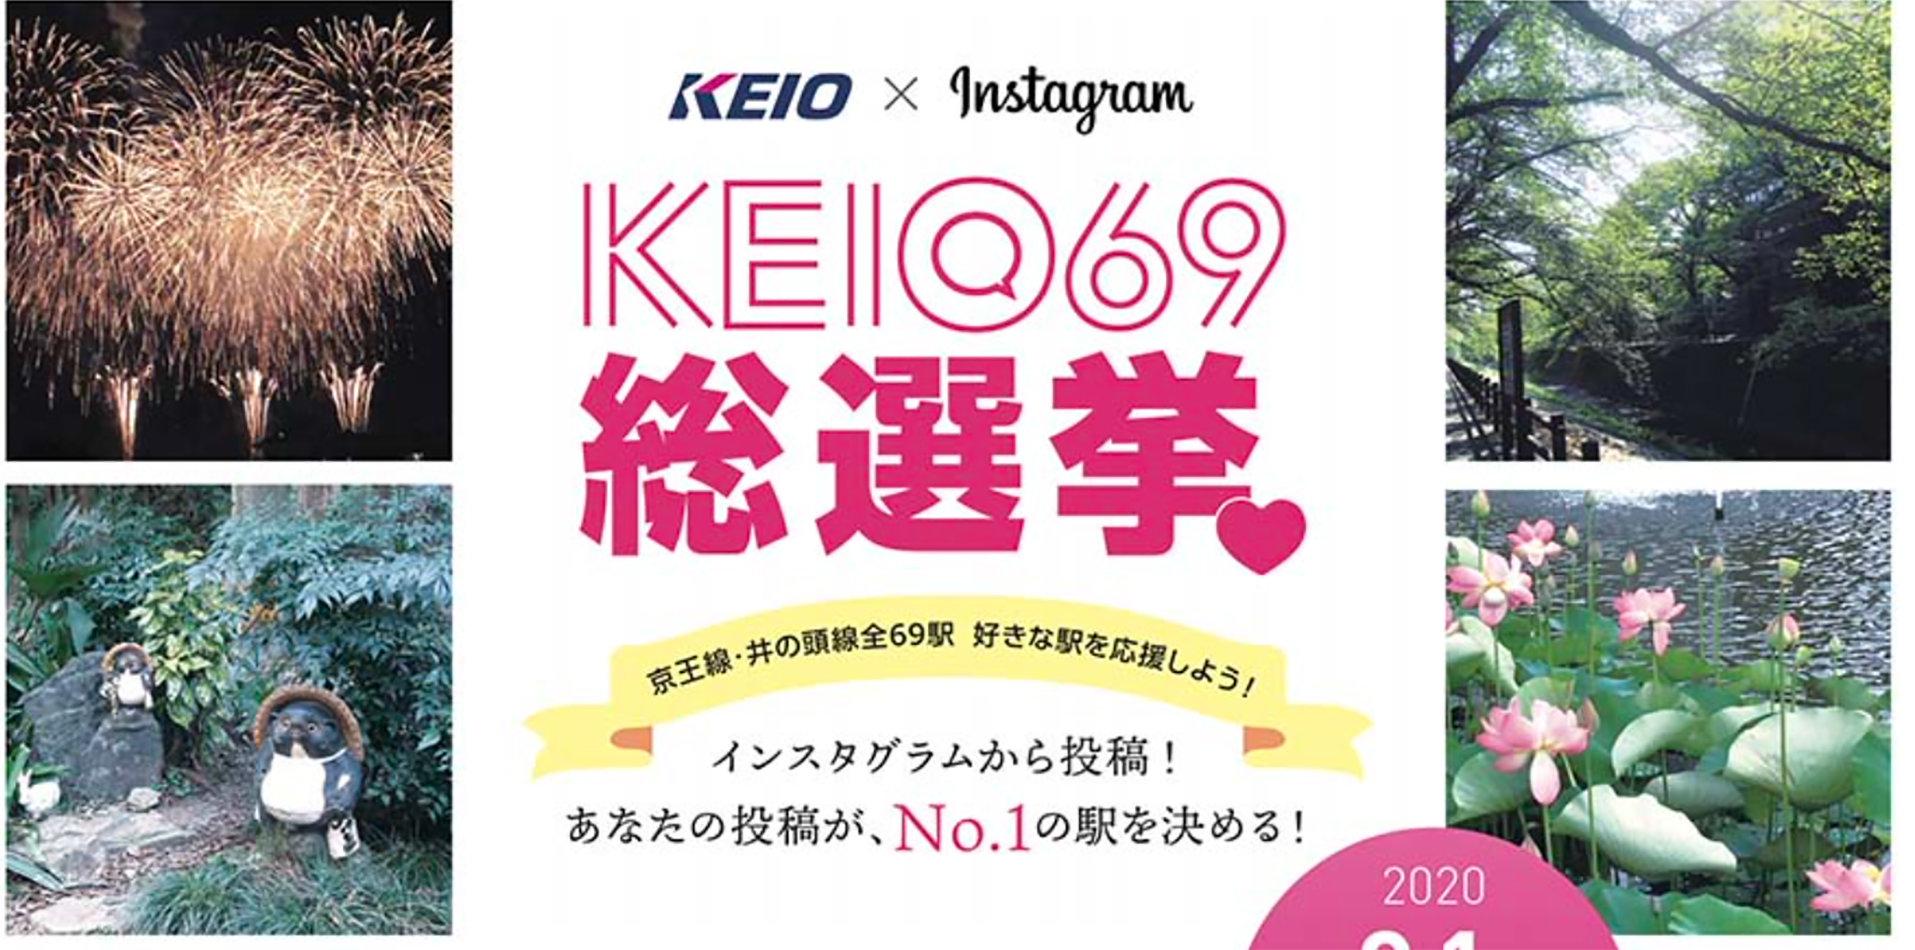 KEIO69総選挙